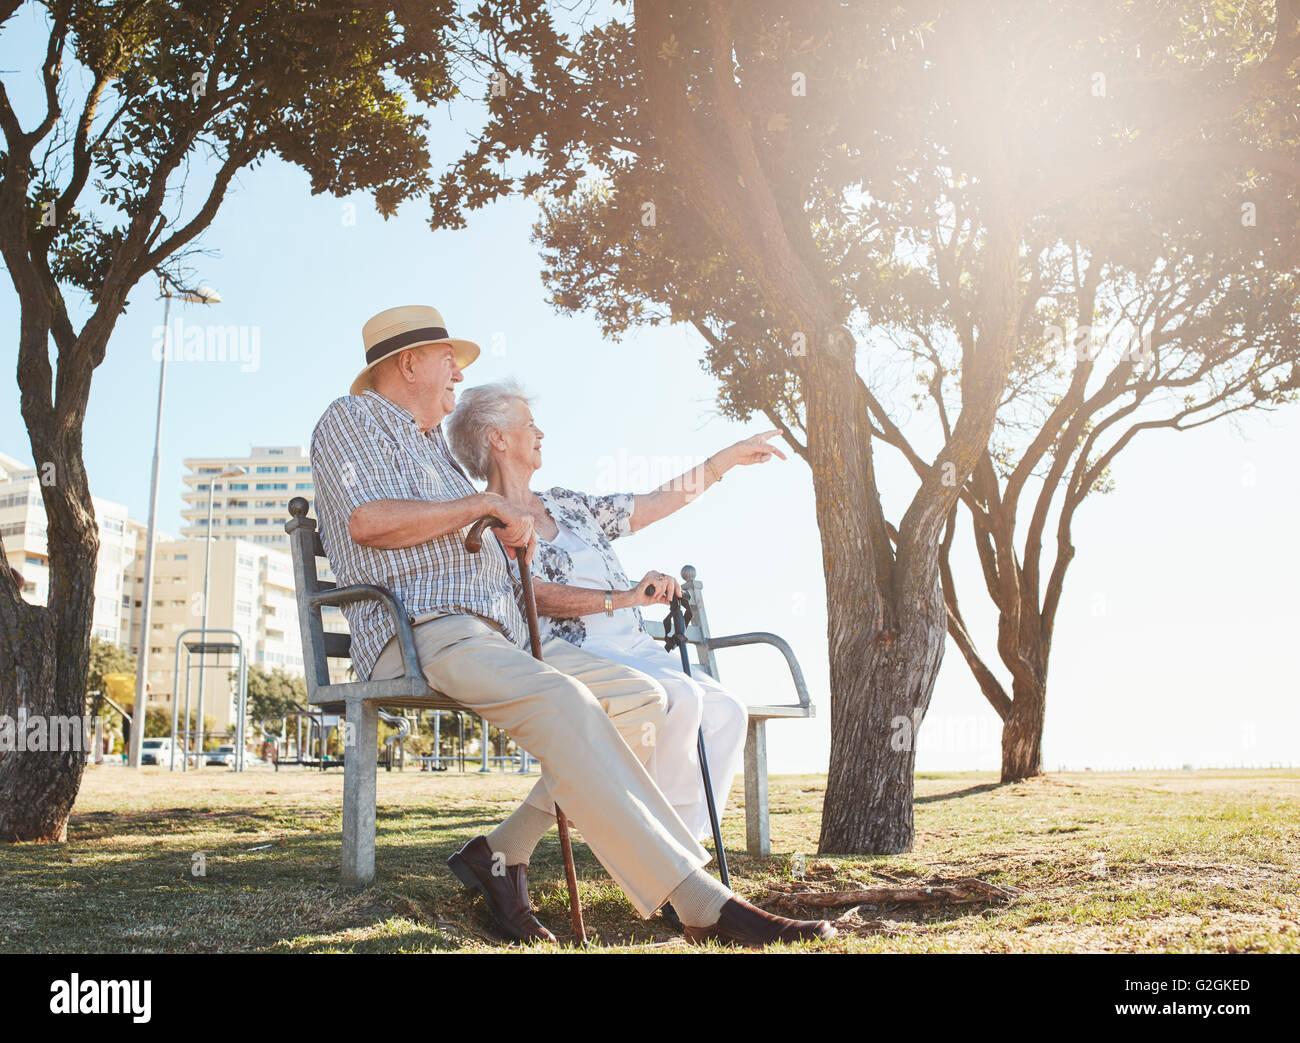 Colpo all'aperto di una coppia senior seduta su una panchina nel parco con la donna mostrando qualcosa di interessante Immagini Stock